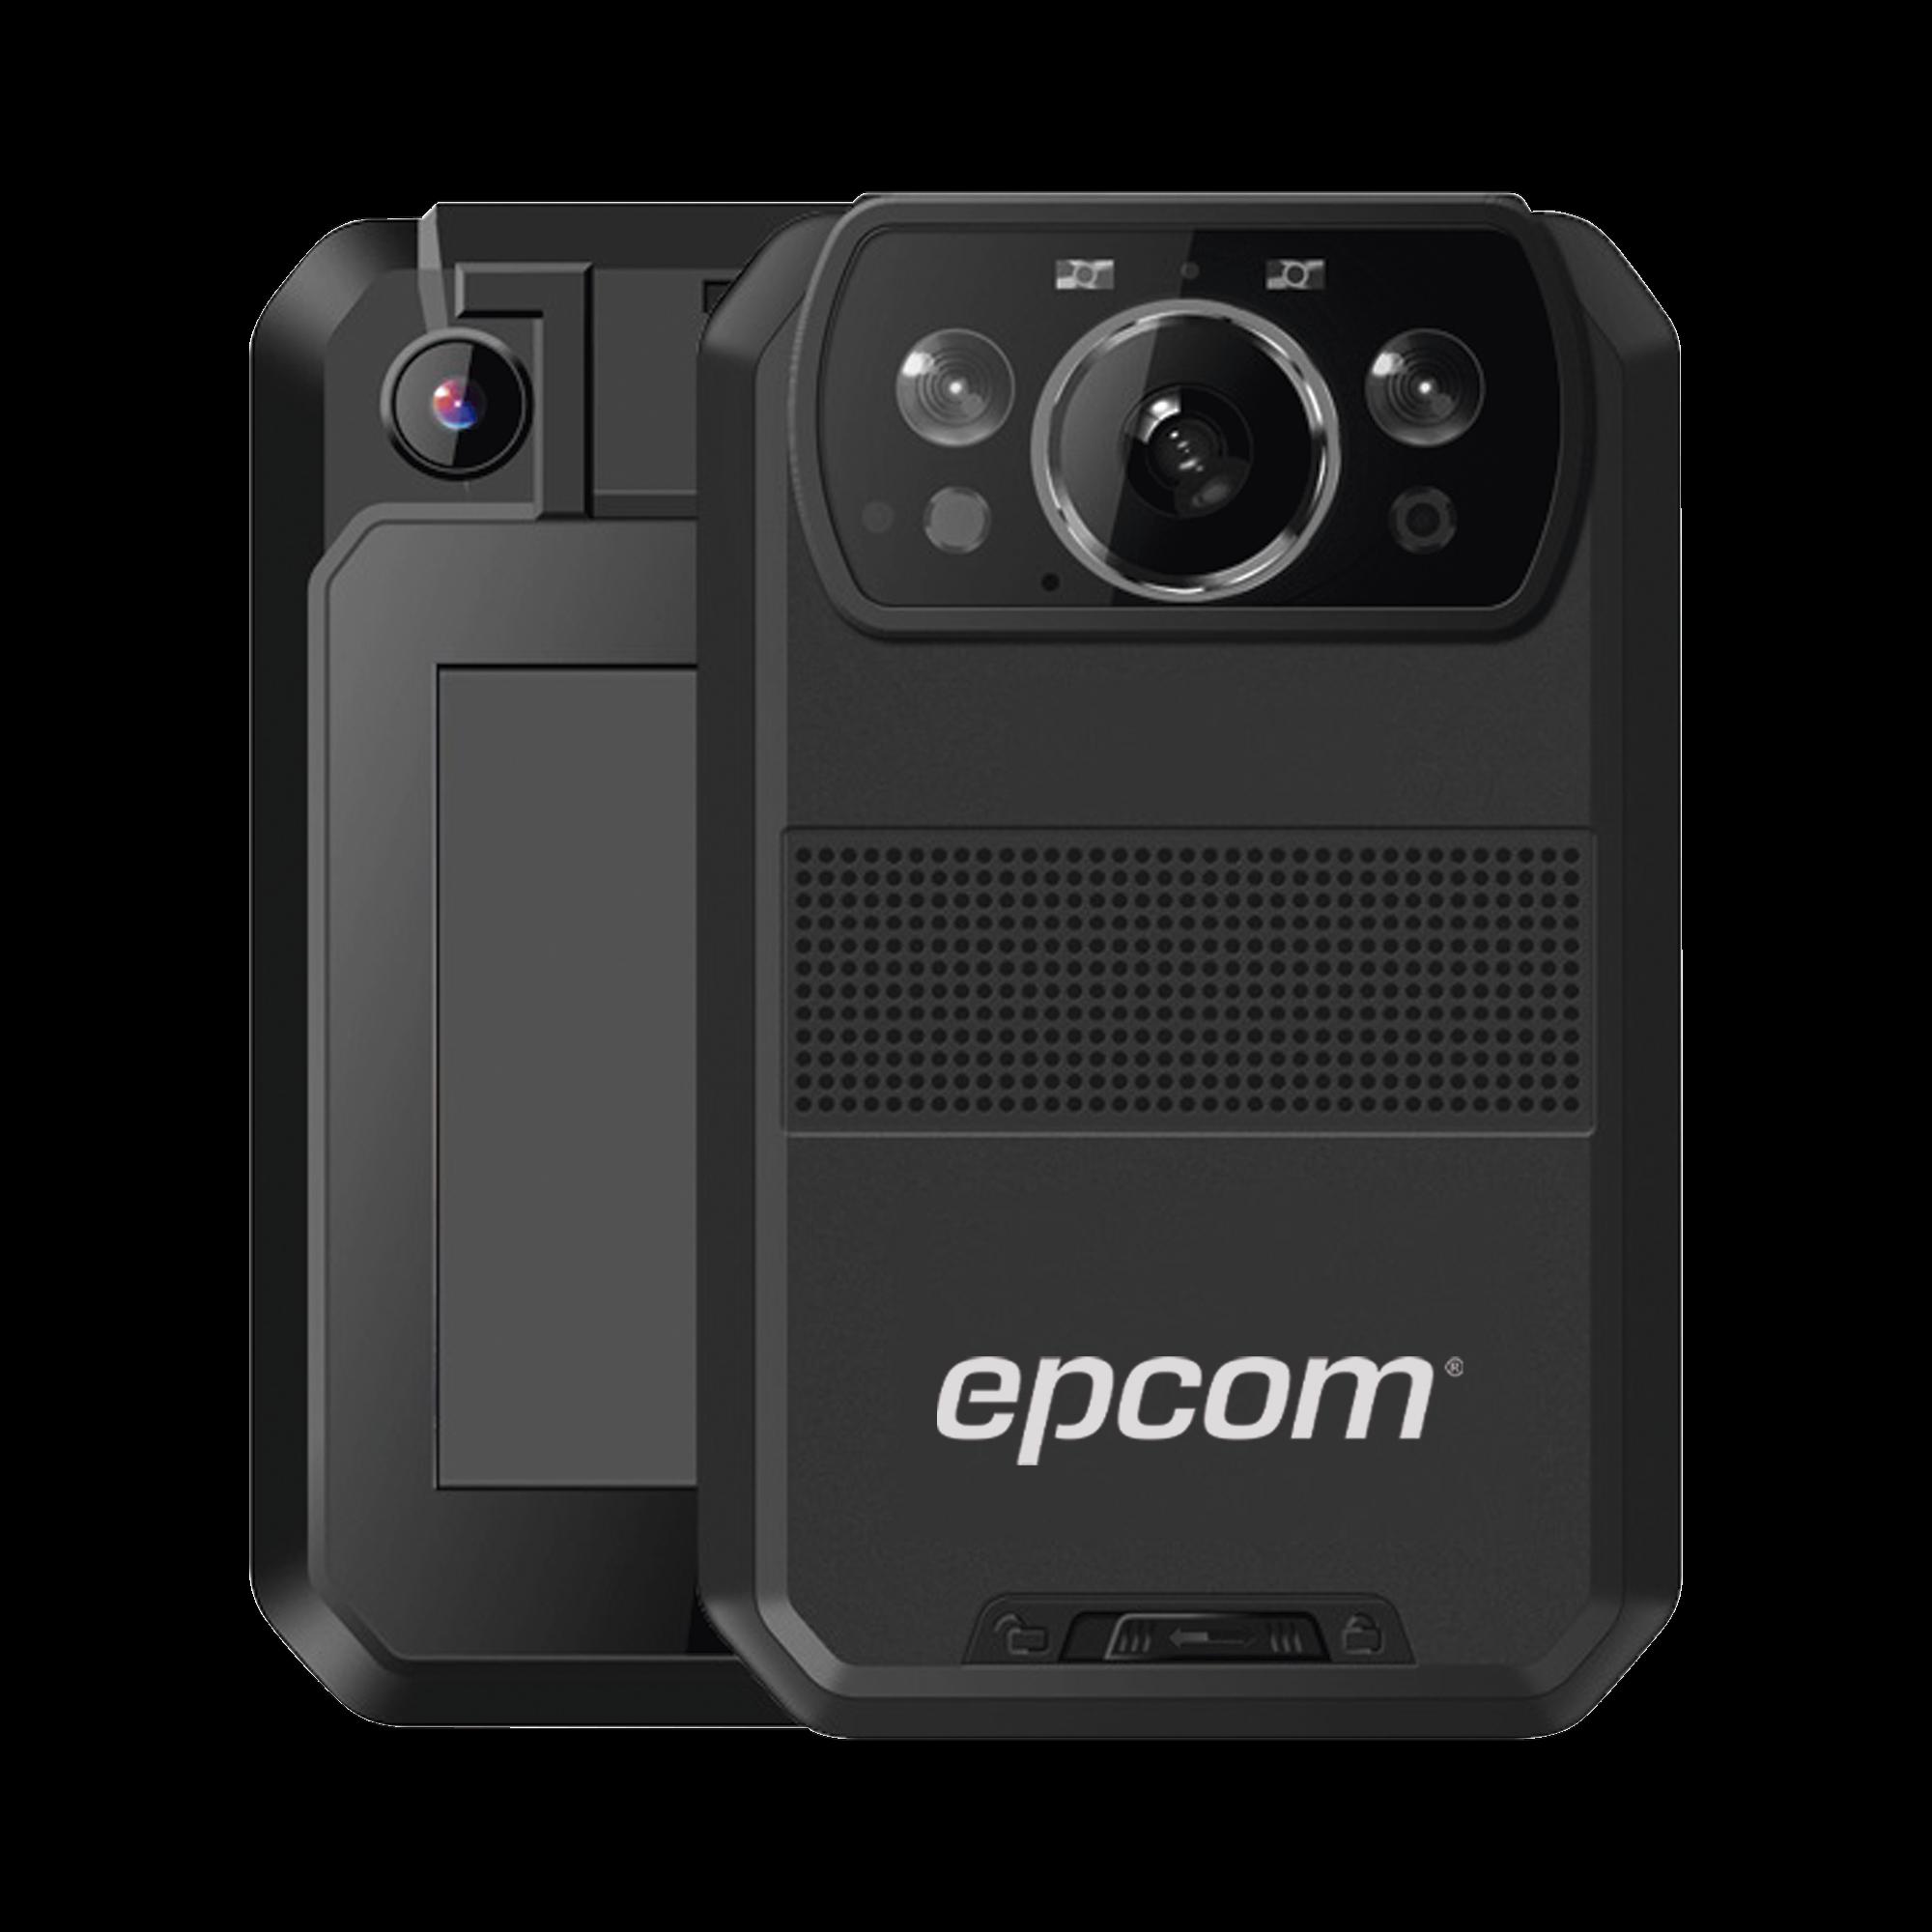 Body Camera para Seguridad, Video 4K, GPS Interconstruido, Conexion 4G-LTE, WiFi, Bluetooth, Sistema basado en Android